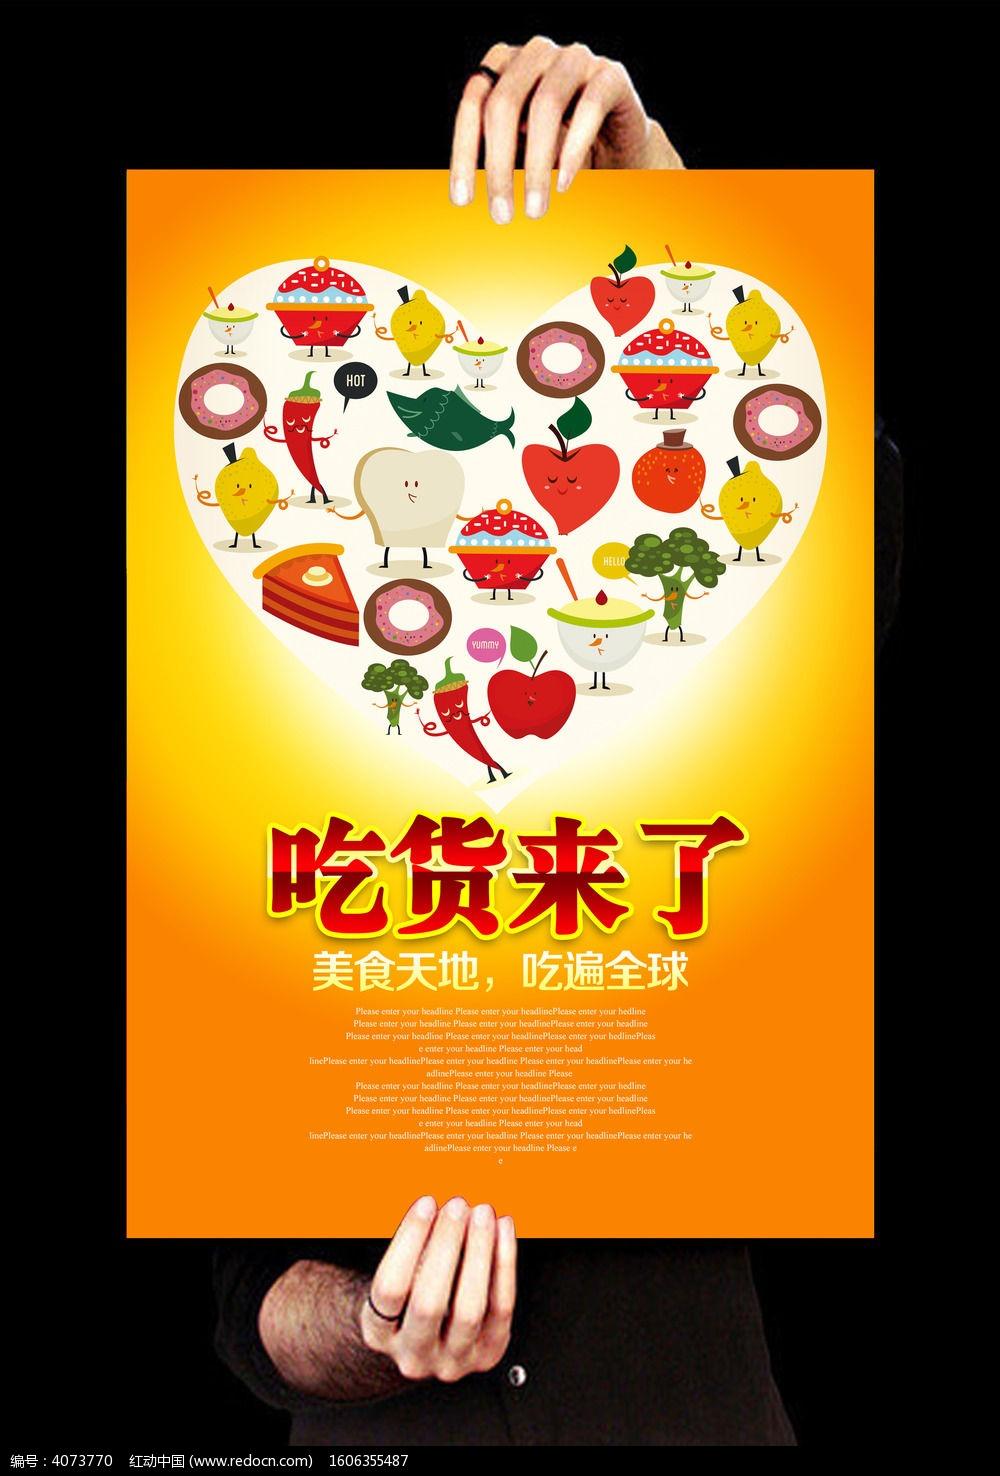 吃货来了创意美食海报设计图片